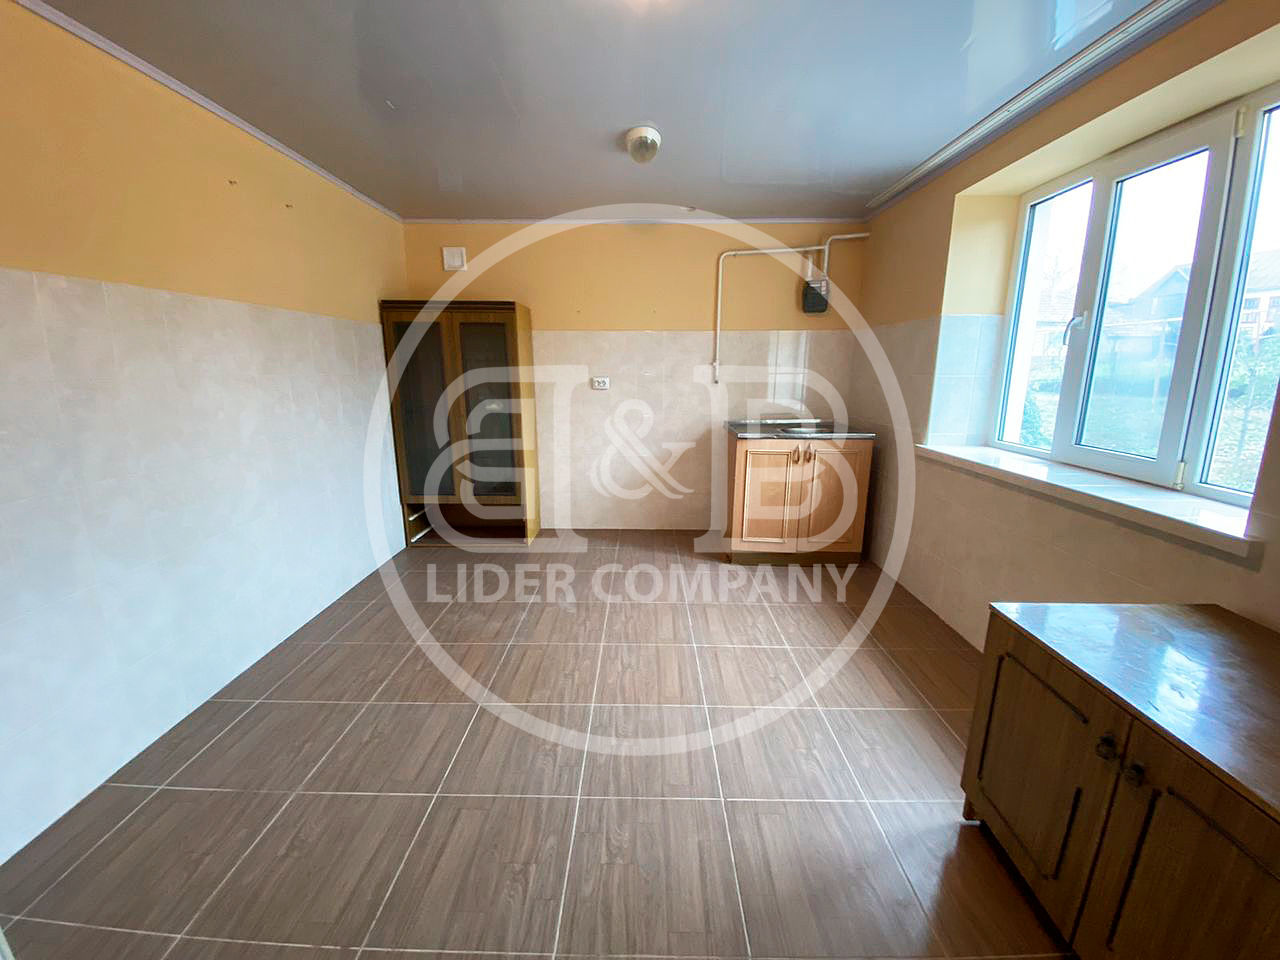 Se vinde casă în Băcioi suprafața de 100 m2 3 camere teren de 11 ari str. Agricultorilor